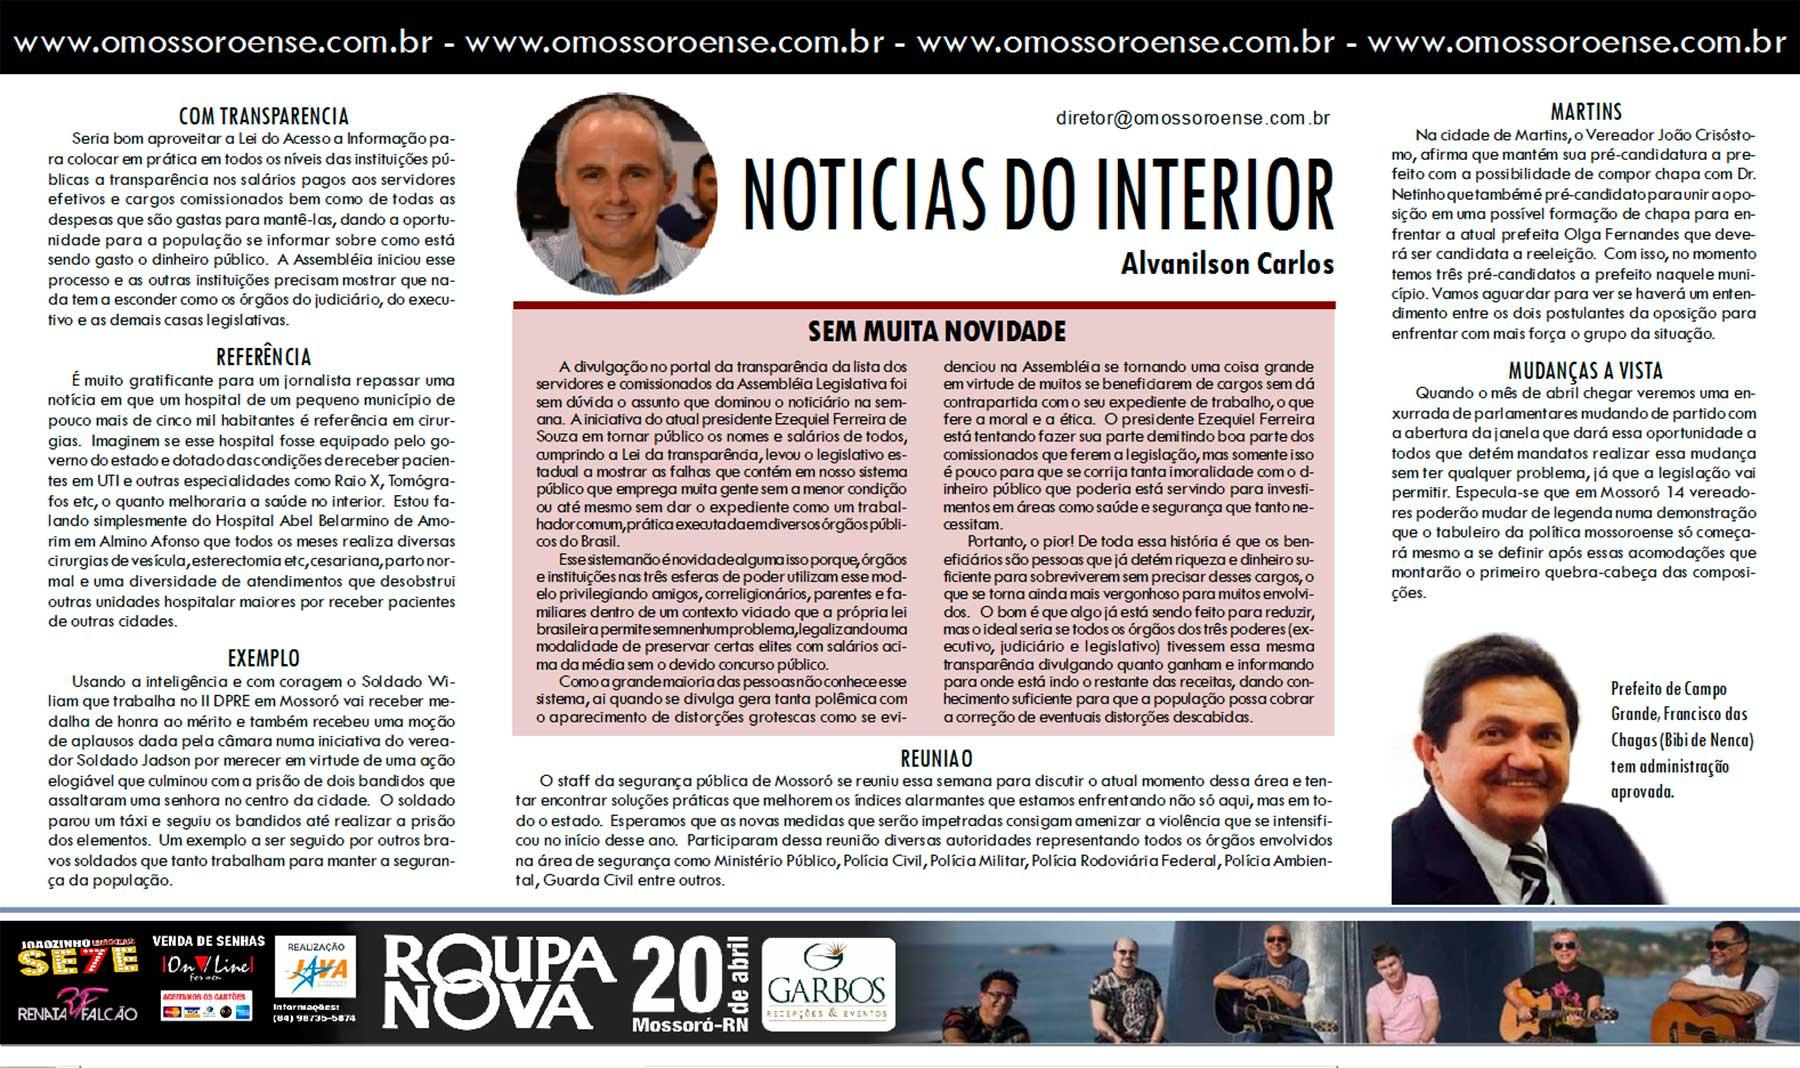 ALVANILSON-CARLOS---NOTICIAS-DO-INTERIOR---06-03-16